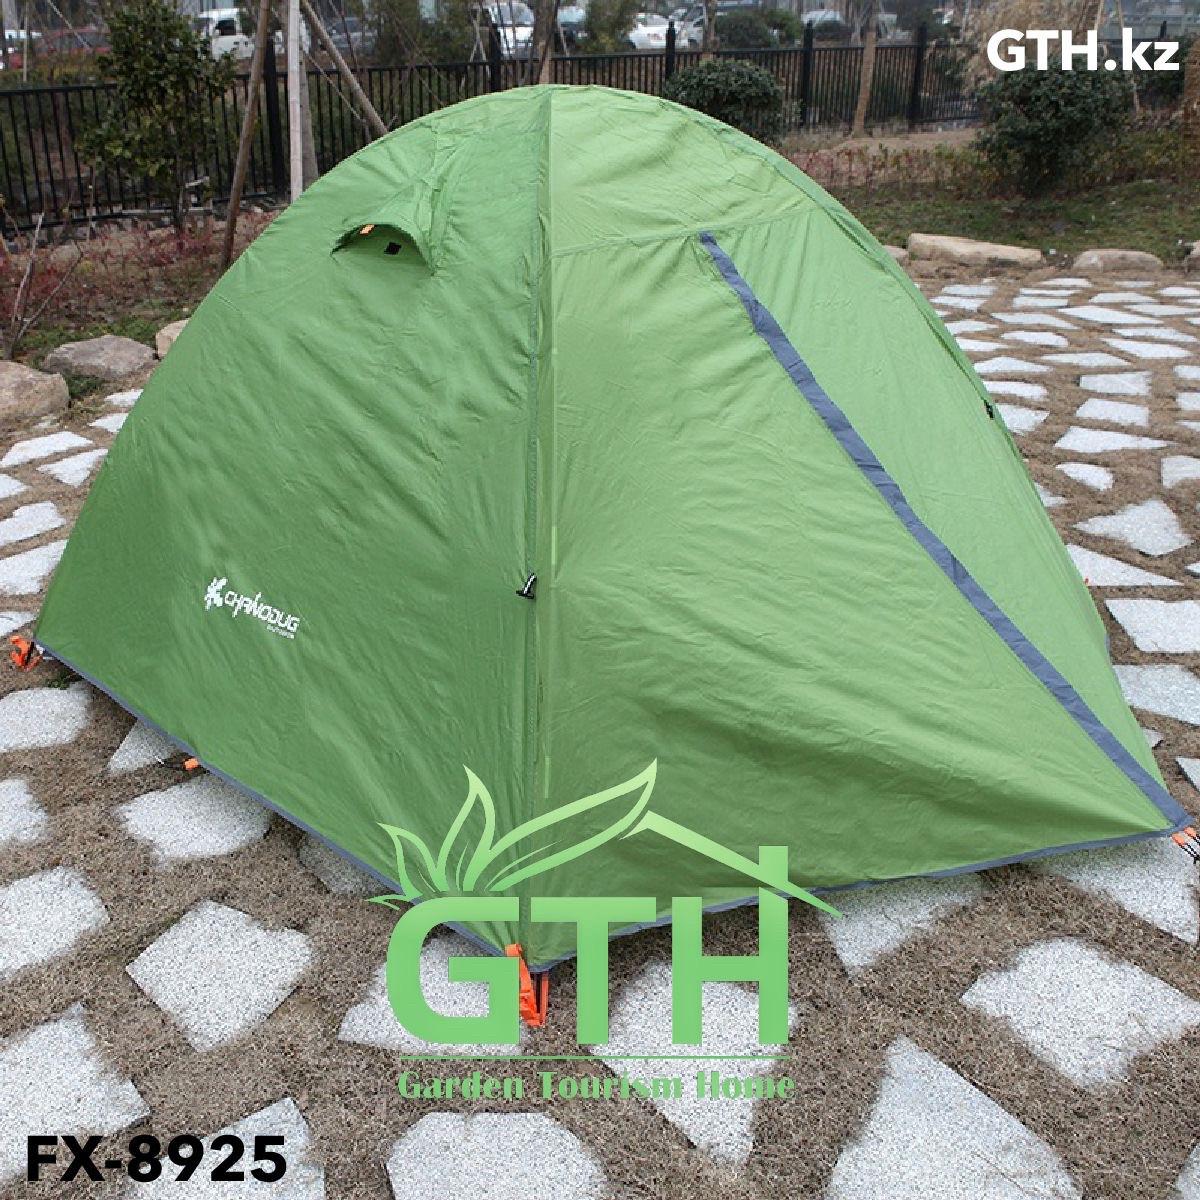 Горные палатки Chanodug FX-8935. Двухместные, двухслойные. Доставка. - фото 2